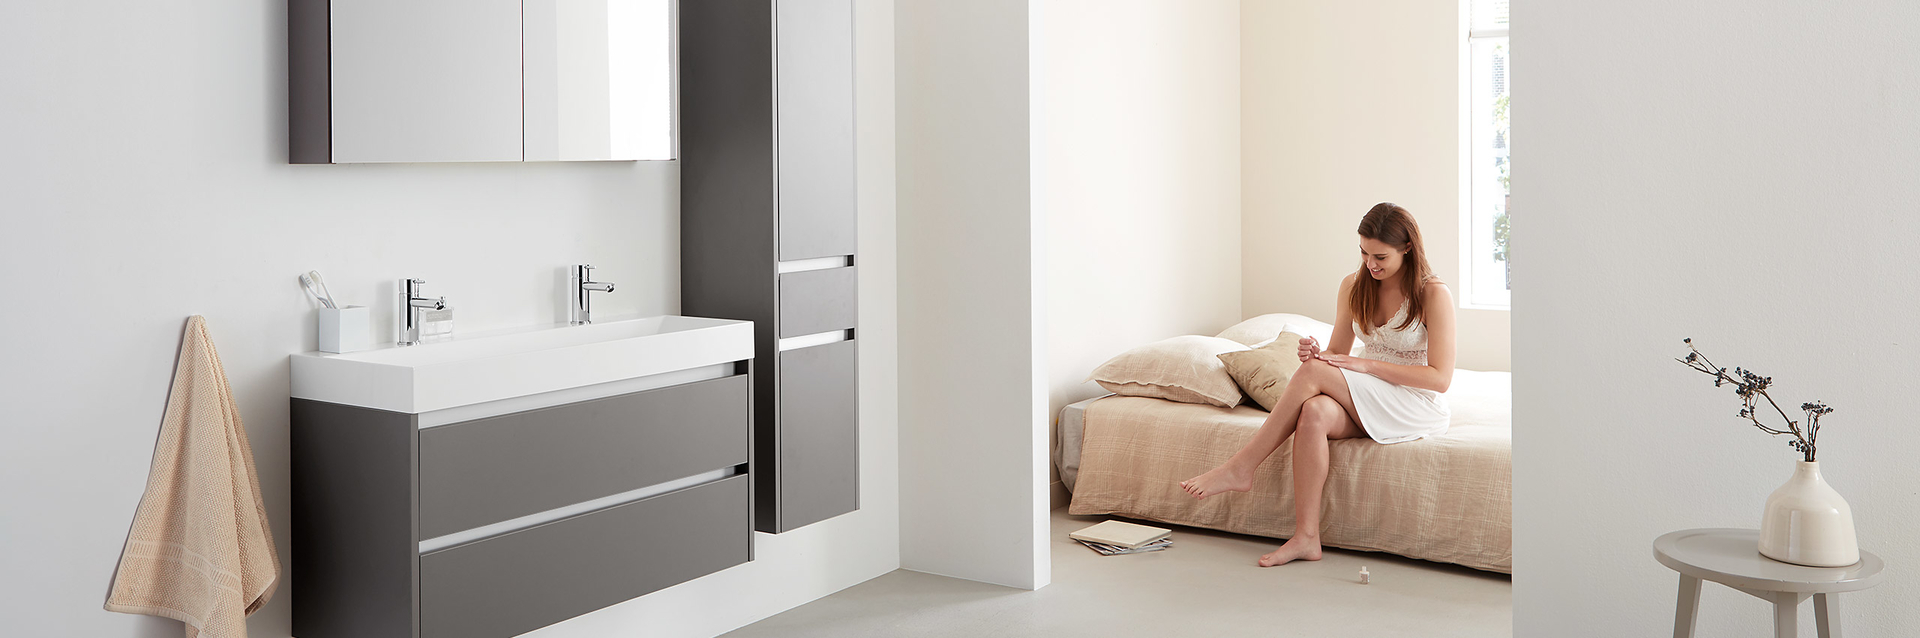 Spiegelkasten zijn erg functioneel vanwege de extra opbergruimte die ze bieden